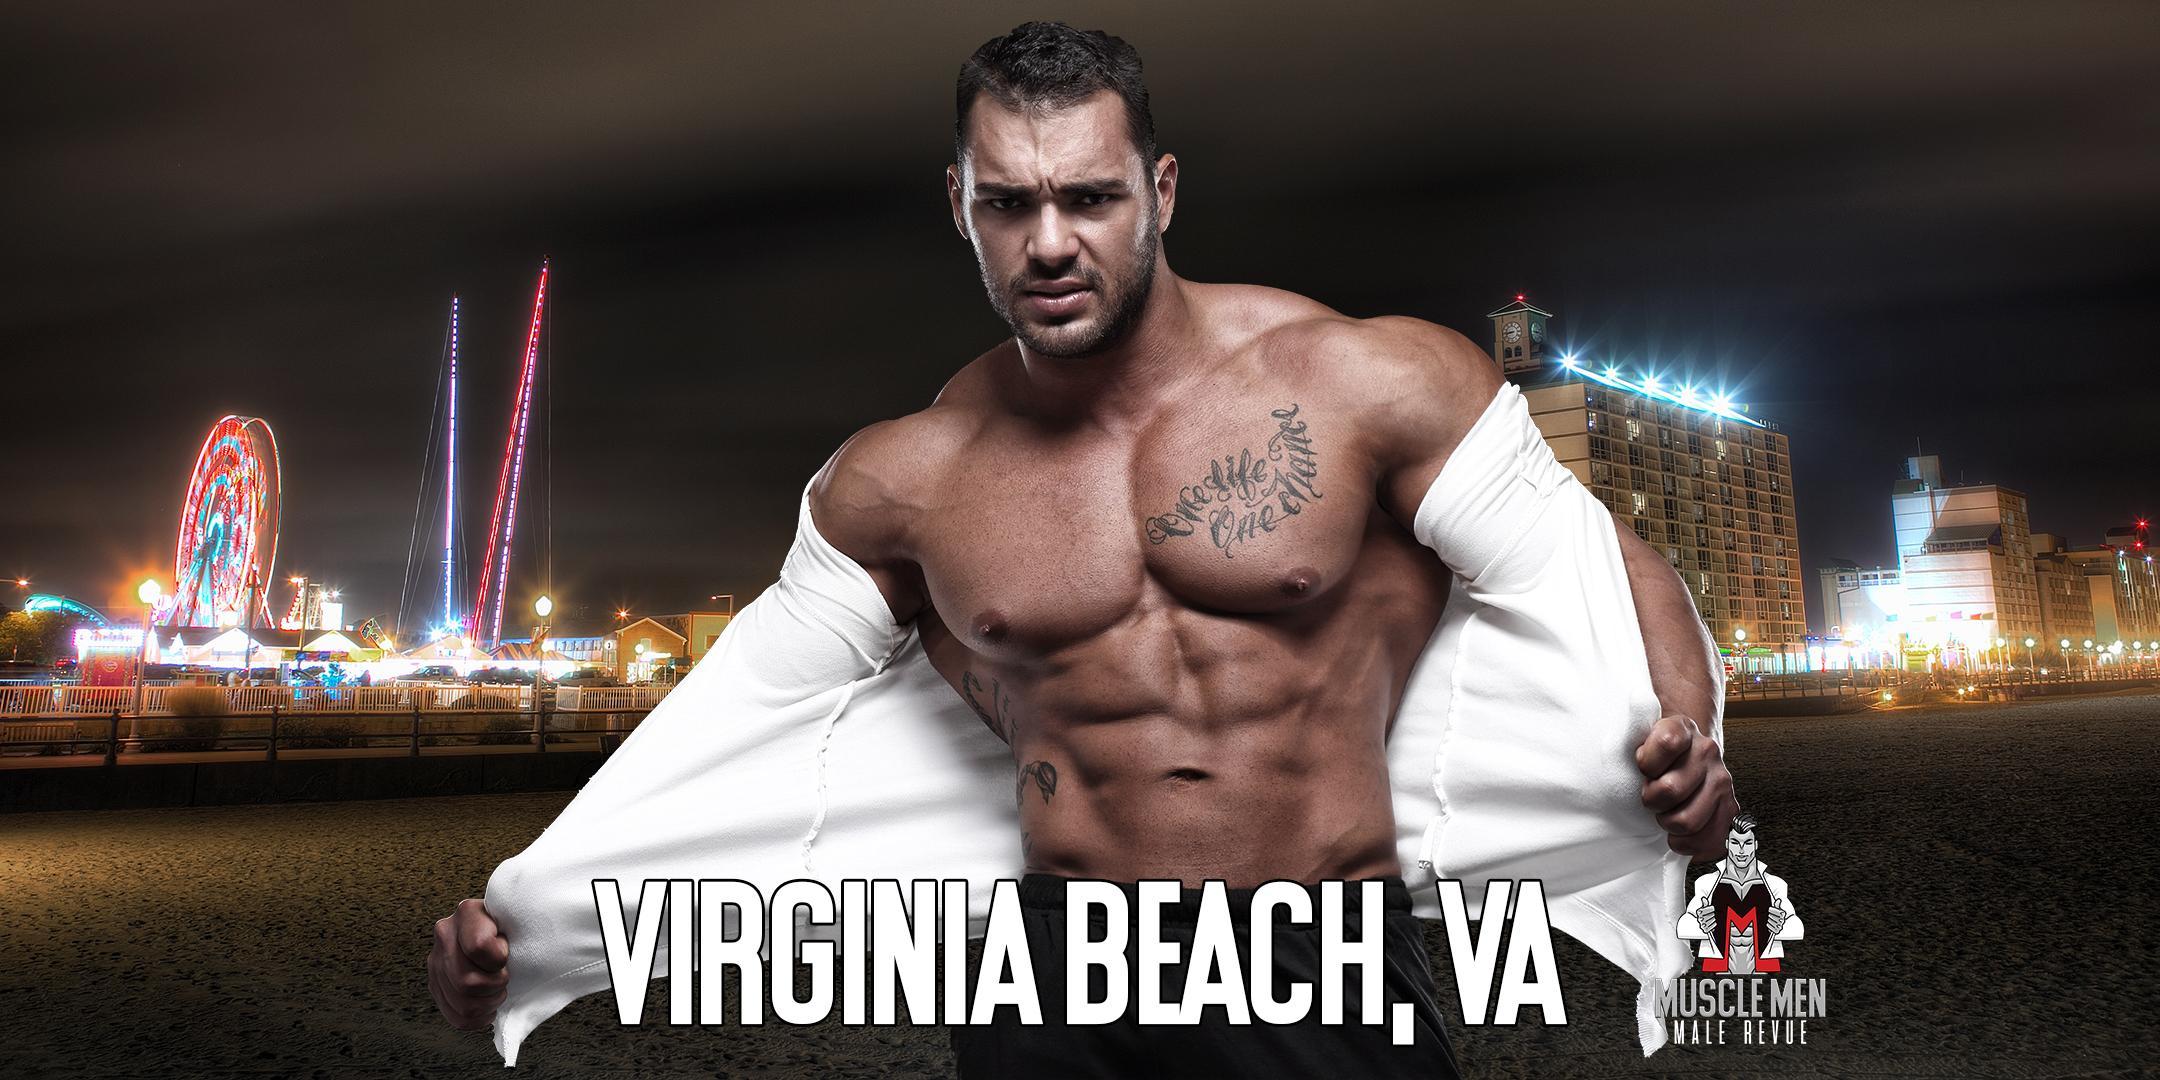 Muscle Men Male Strippers Revue & Male Strip Club Shows Virginia Beach, VA 8 PM-10 PM